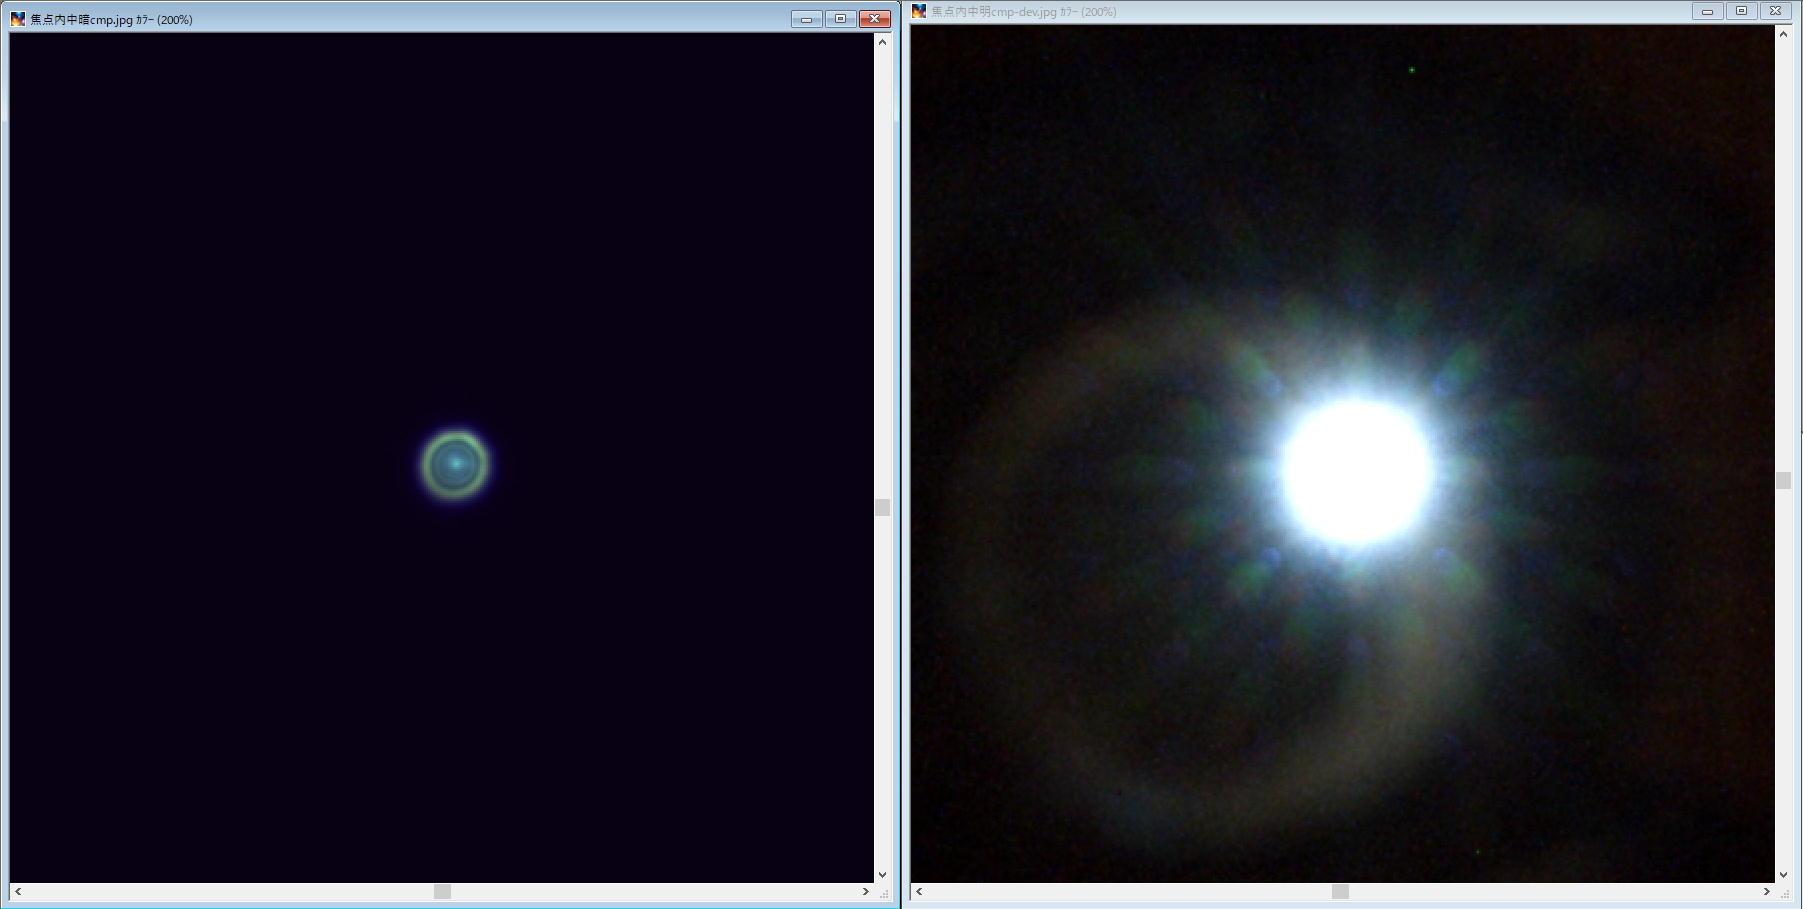 人工星テスターで『のっぴきならない』こと発見?③_f0346040_09110936.jpg